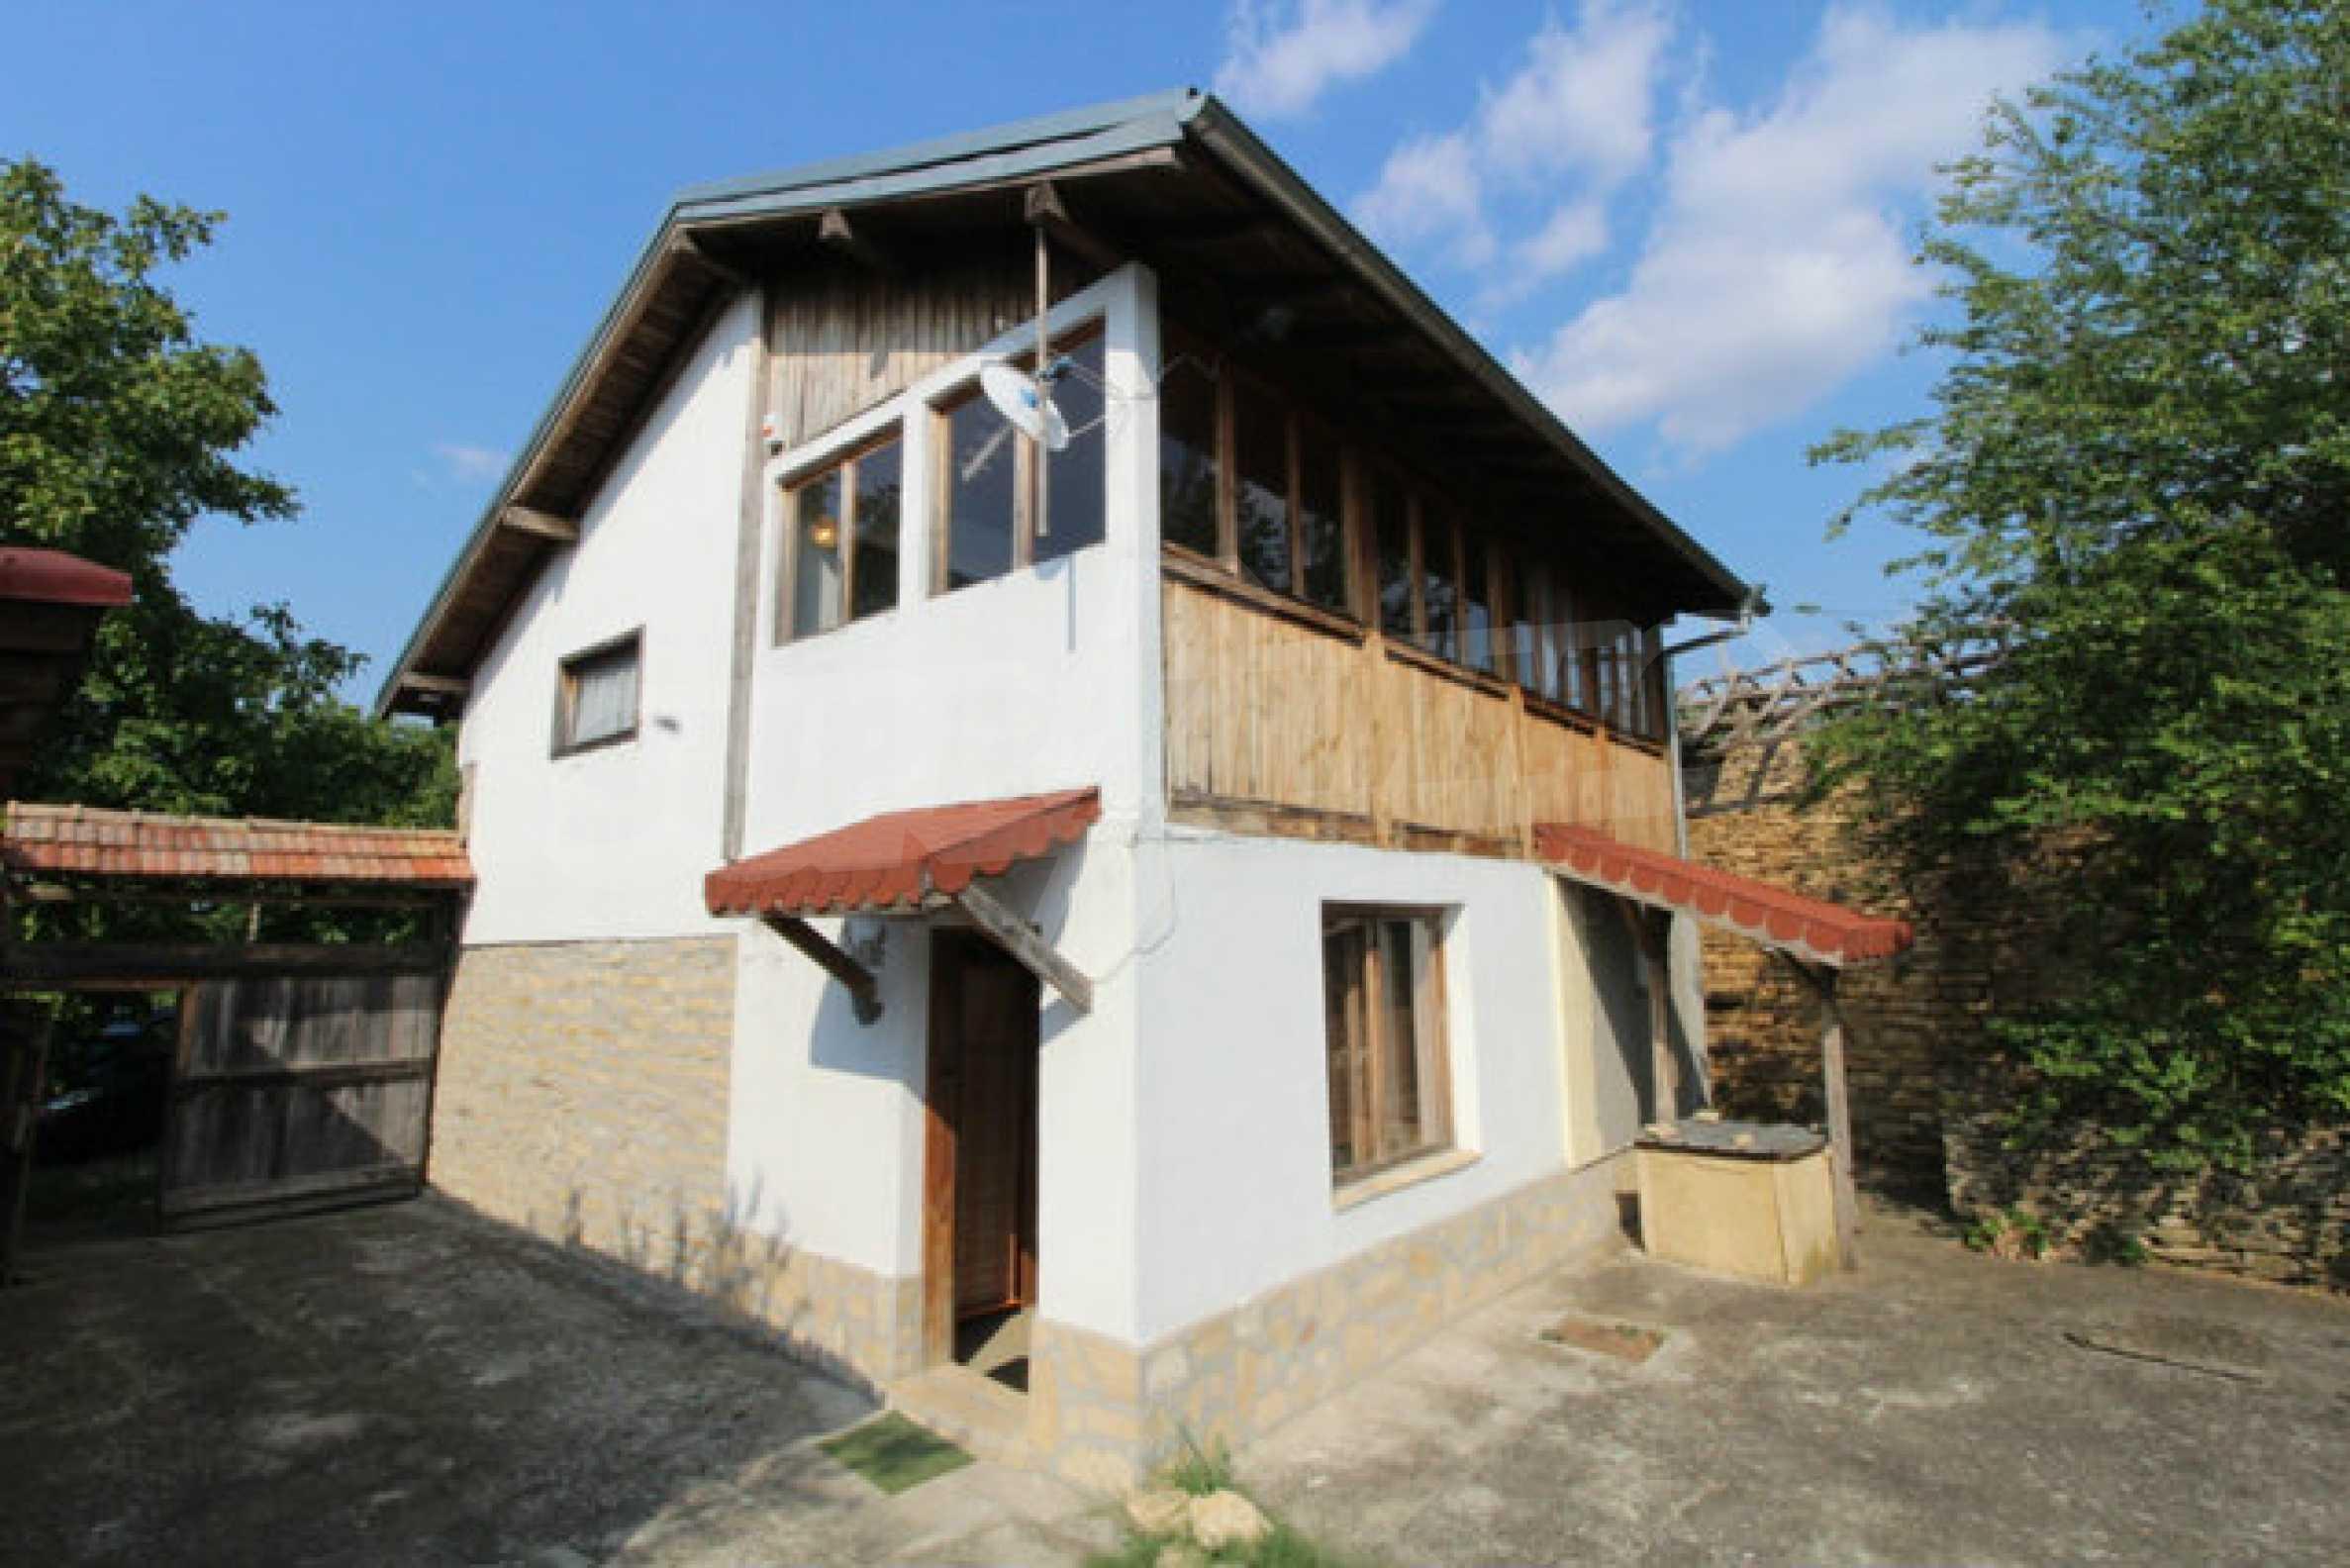 Neugebautes Haus im traditionellen bulgarischen Stil